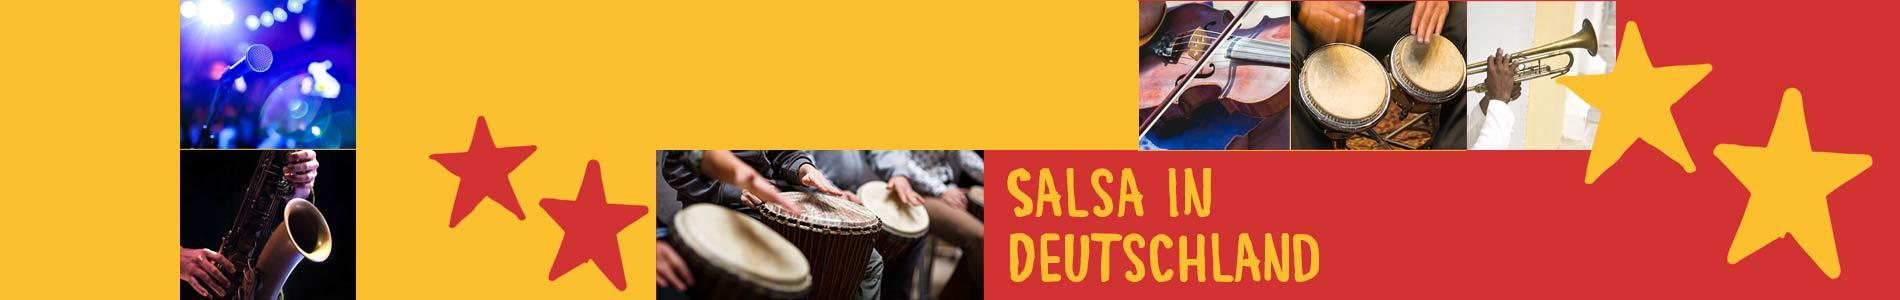 Salsa in Breddorf – Salsa lernen und tanzen, Tanzkurse, Partys, Veranstaltungen